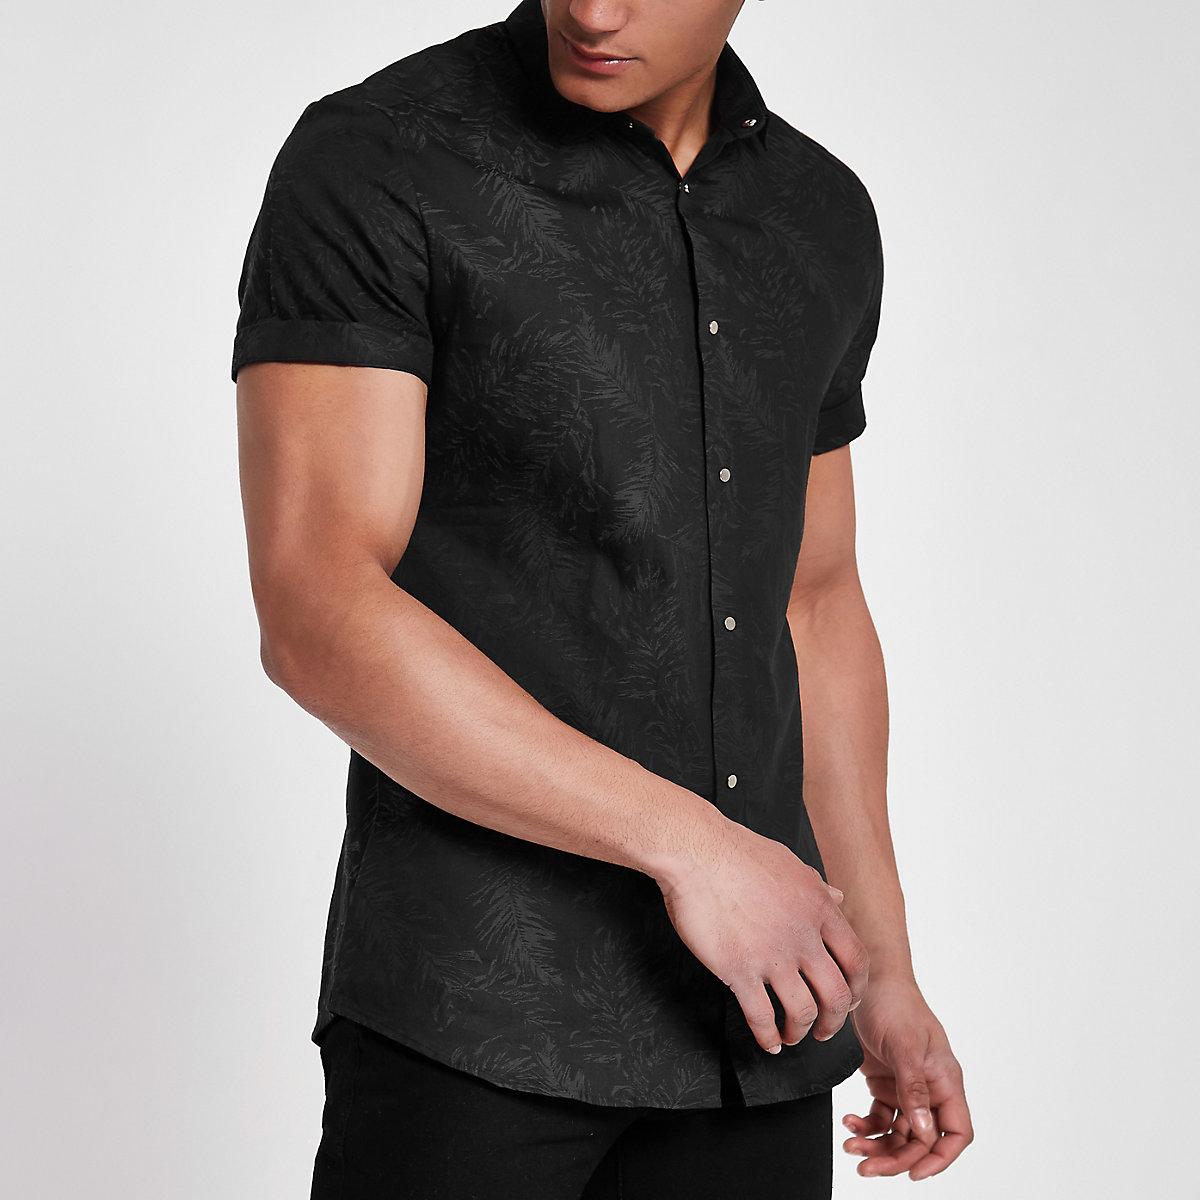 Schwarzes Slim Fit Hemd mit Print